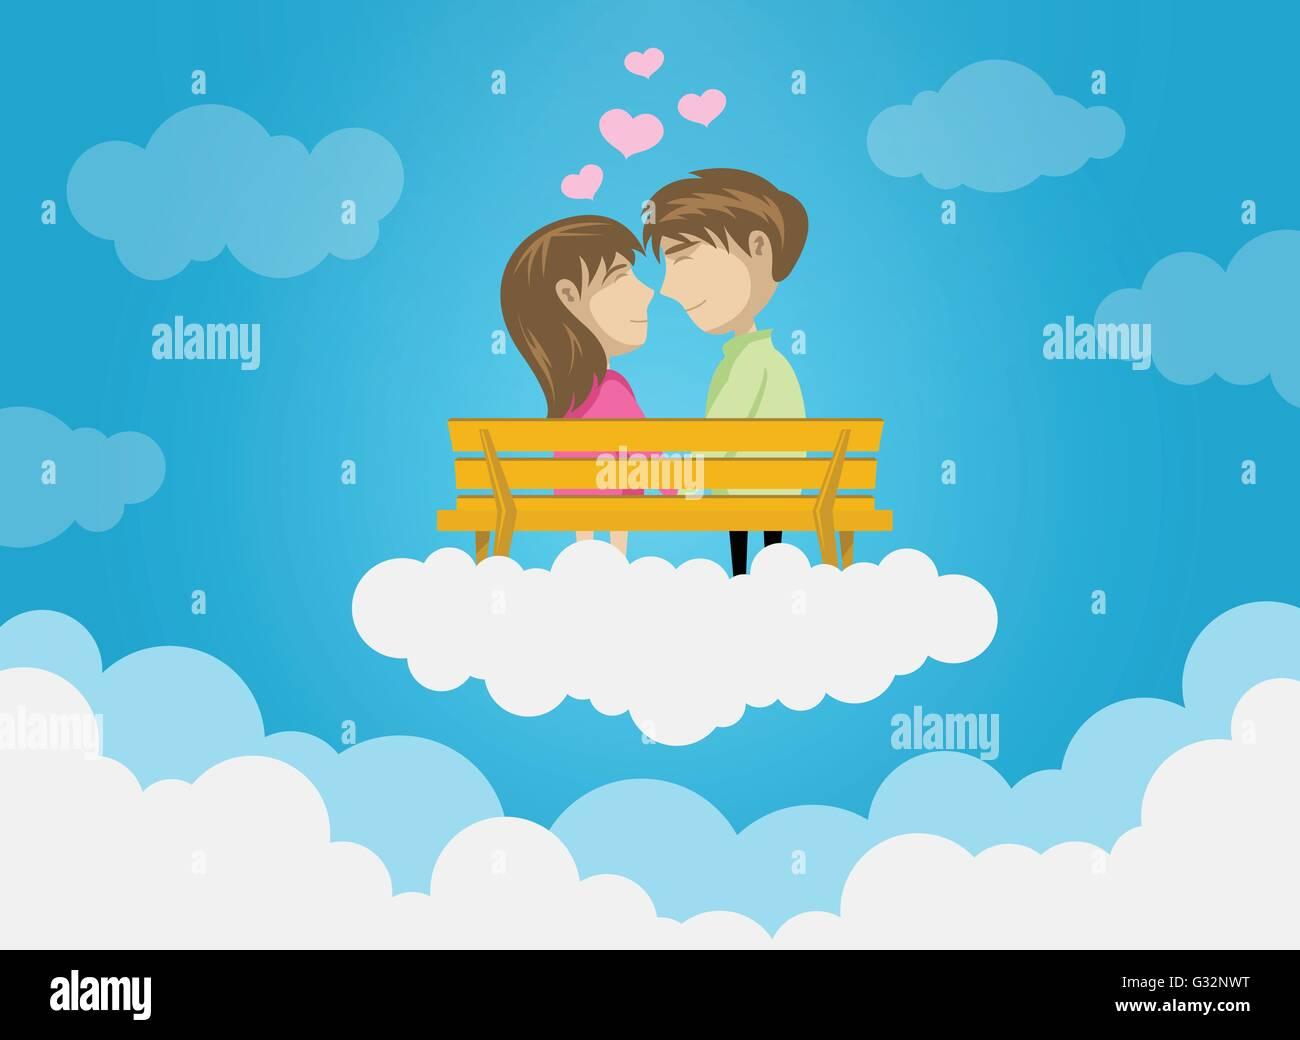 Dating amore romanticismo migliori applicazioni di dating per iPhone 5